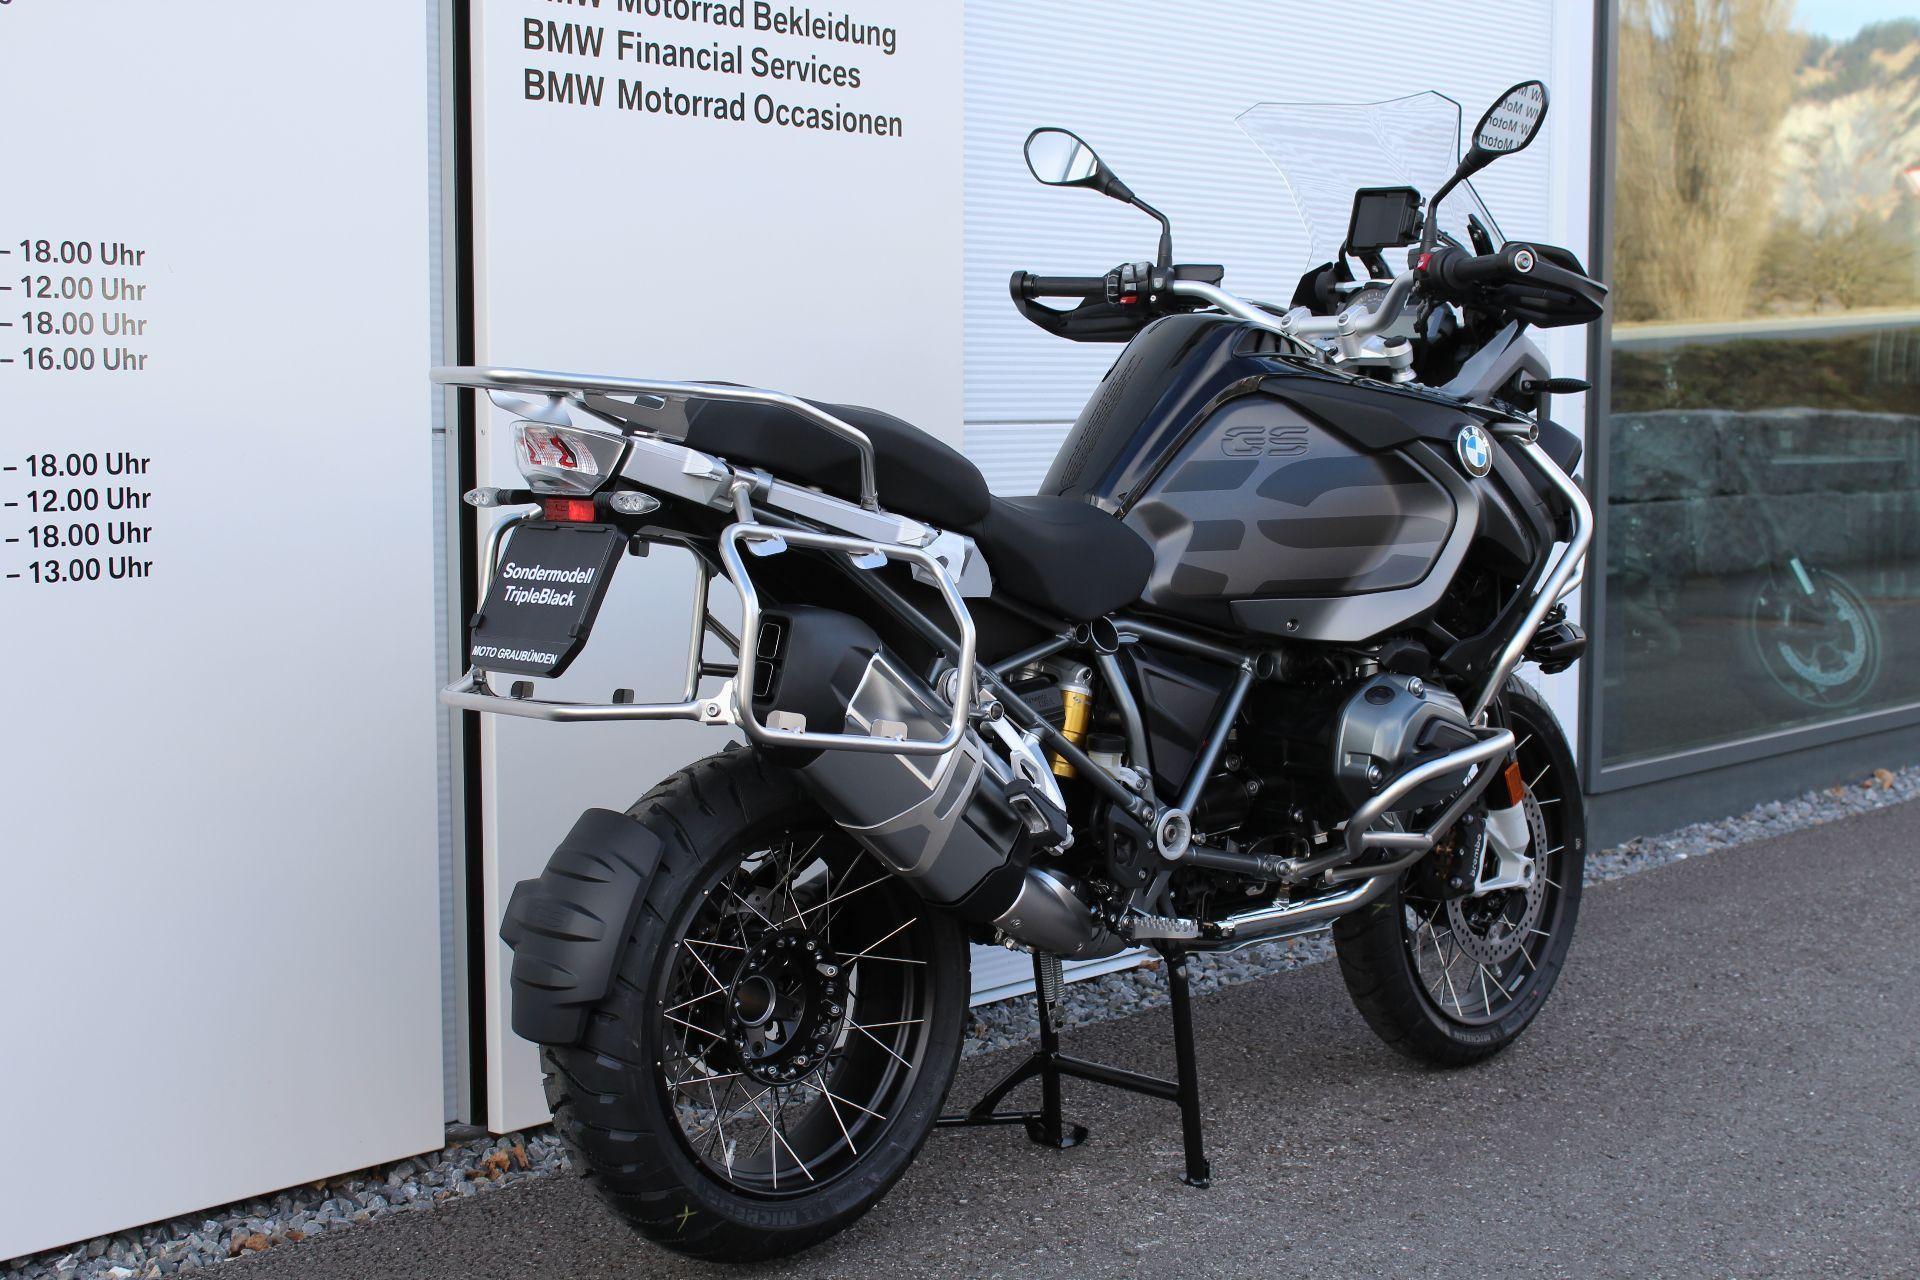 motorrad neufahrzeug kaufen bmw r 1200 gs adventure abs moto graub nden maienfeld. Black Bedroom Furniture Sets. Home Design Ideas